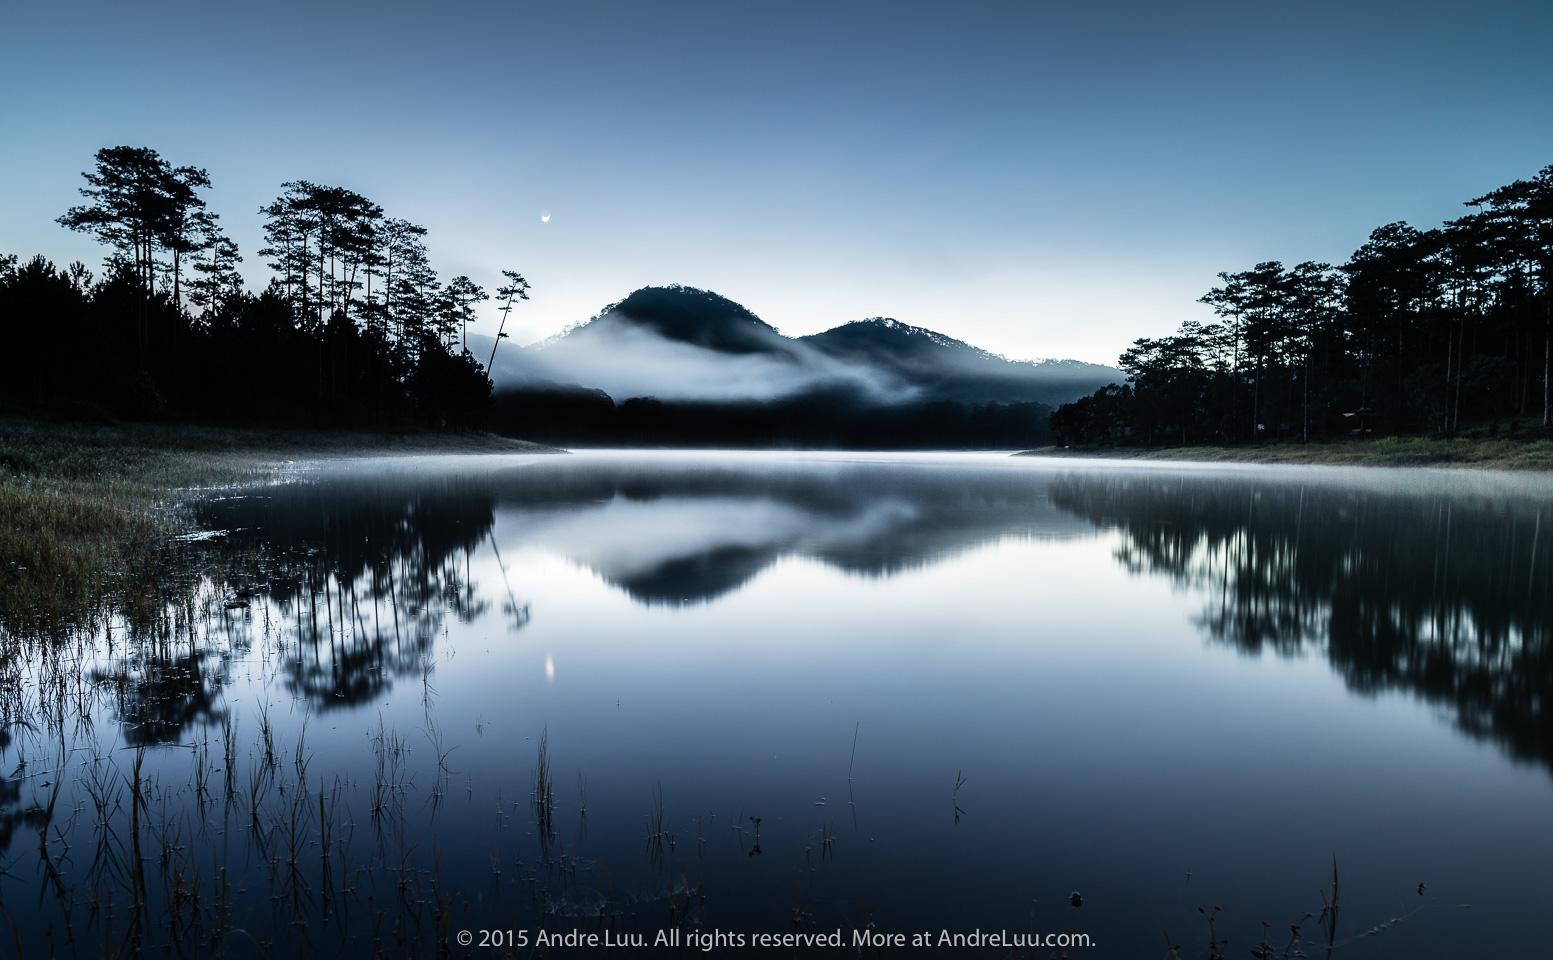 SƯƠNG BÓNG HỒ XANH (Blue Lake Reflections) 60 giây f/11 ISO 100 WB 7250K  Lúc 5:06 am. Sony a7r + Nikon 20 f/1.8.